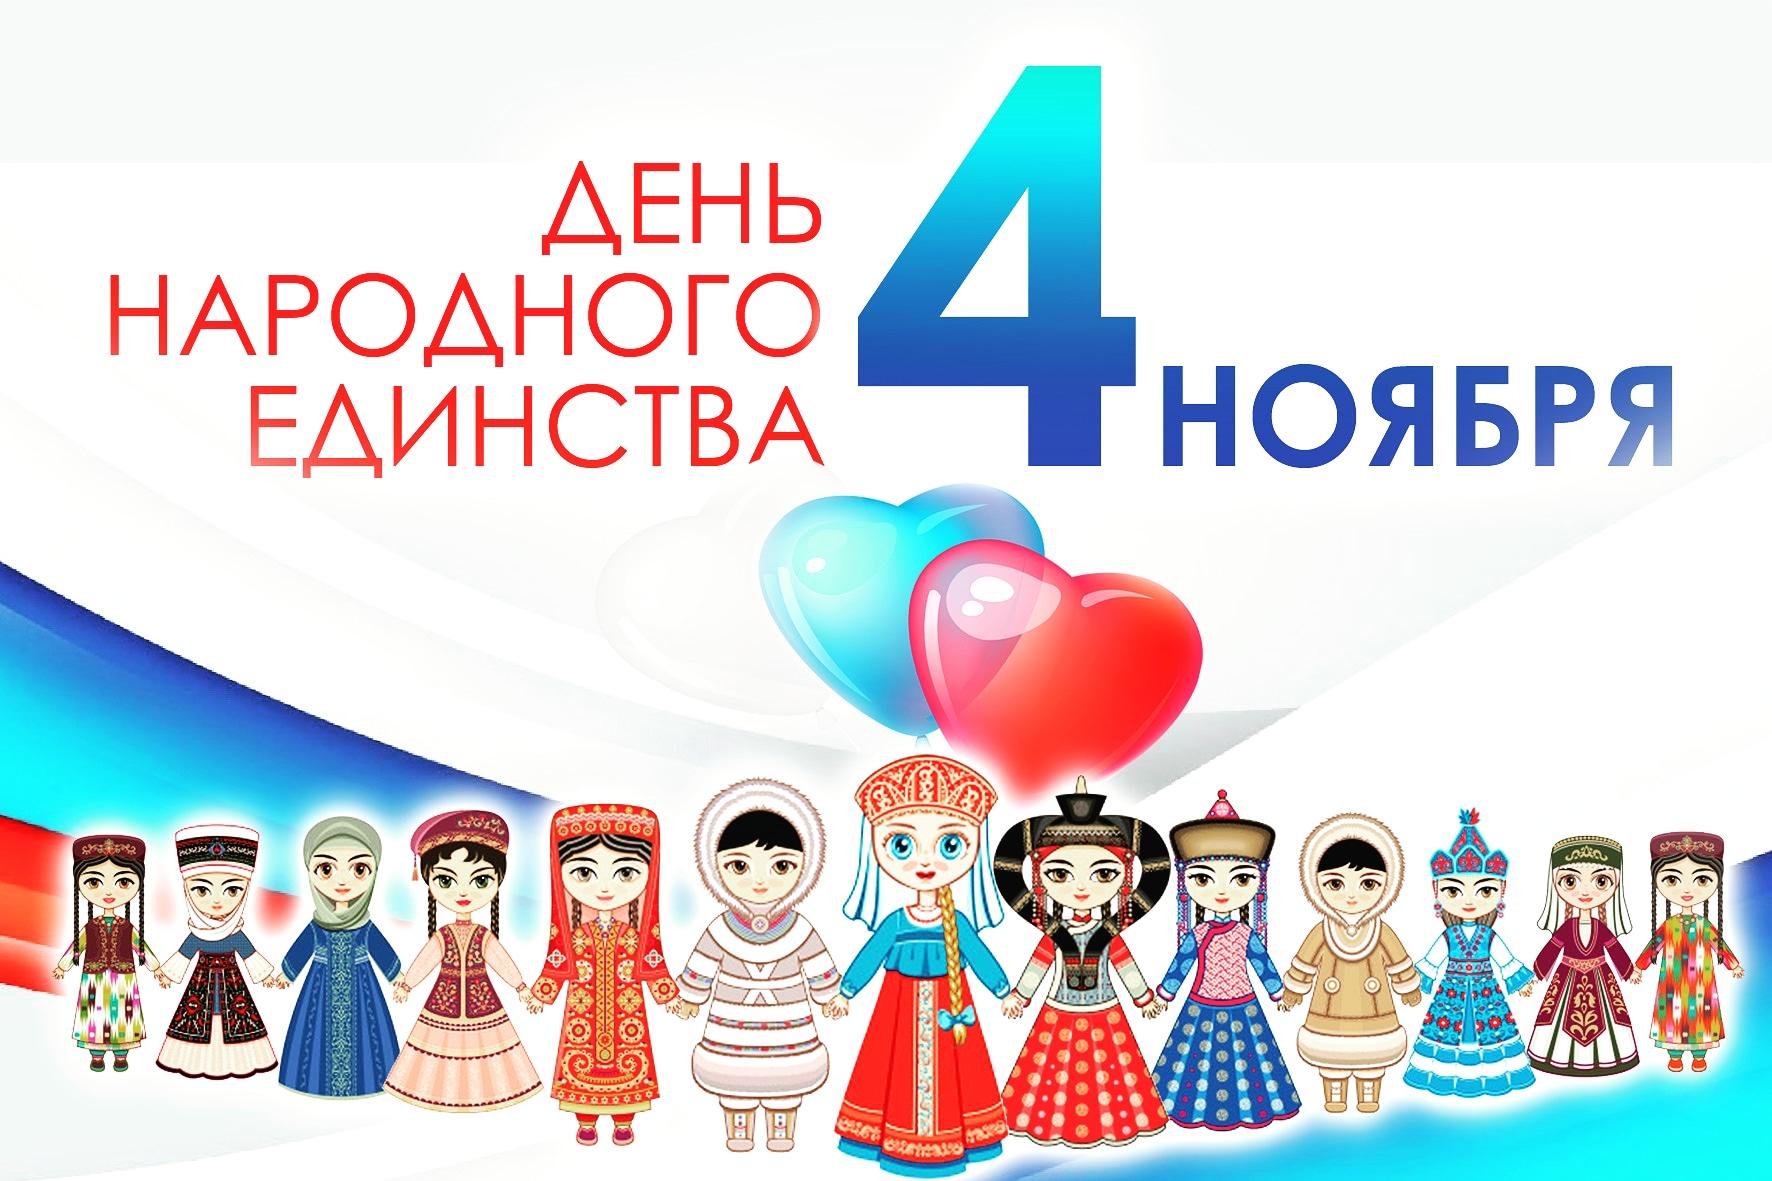 Поздравляем с Днём народного единства!